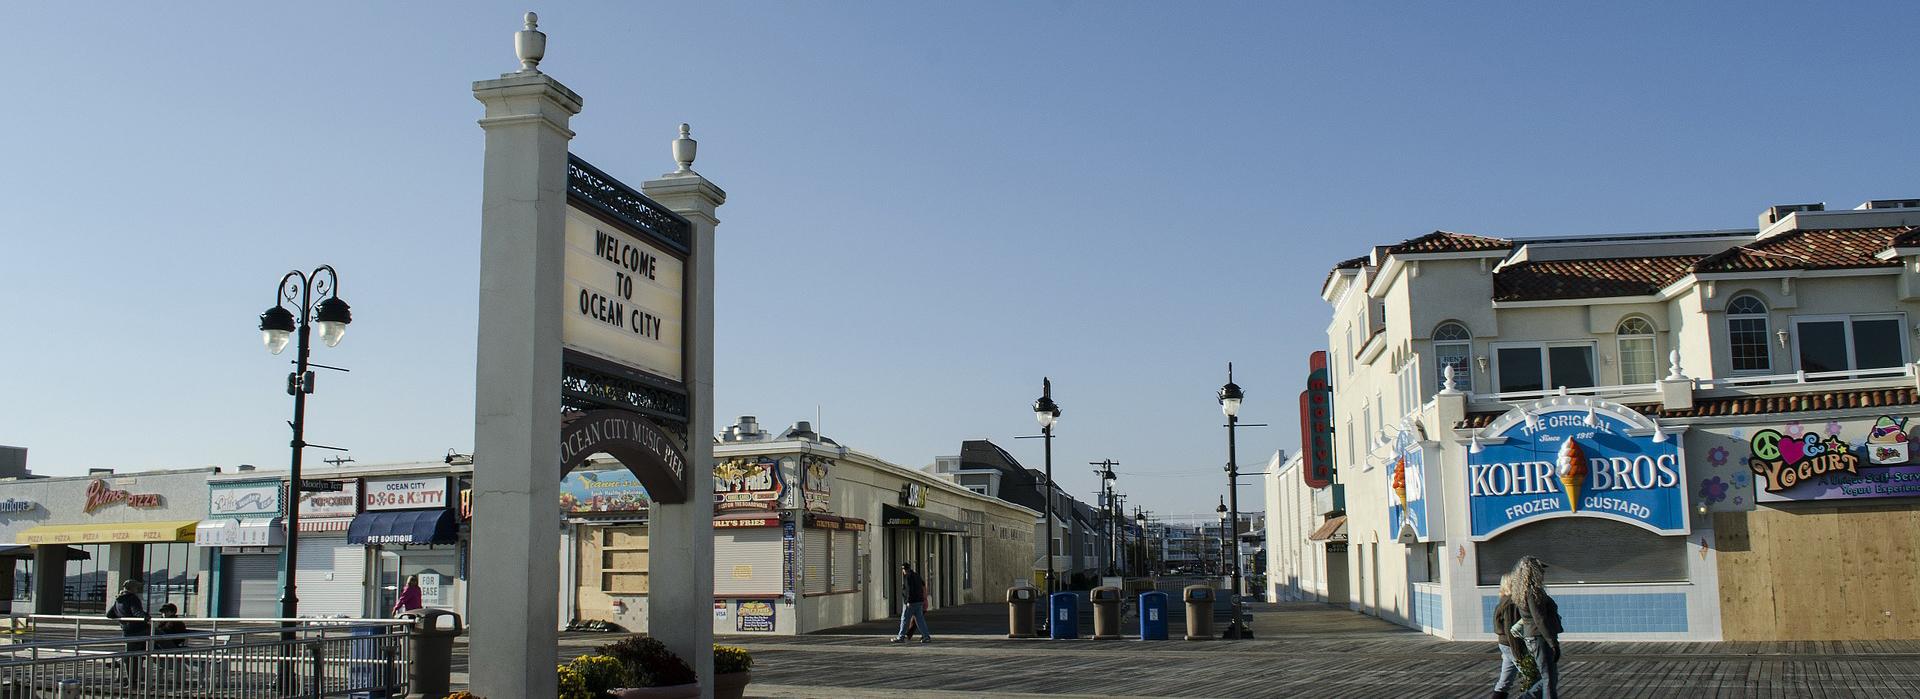 Ocean City New Jersey -